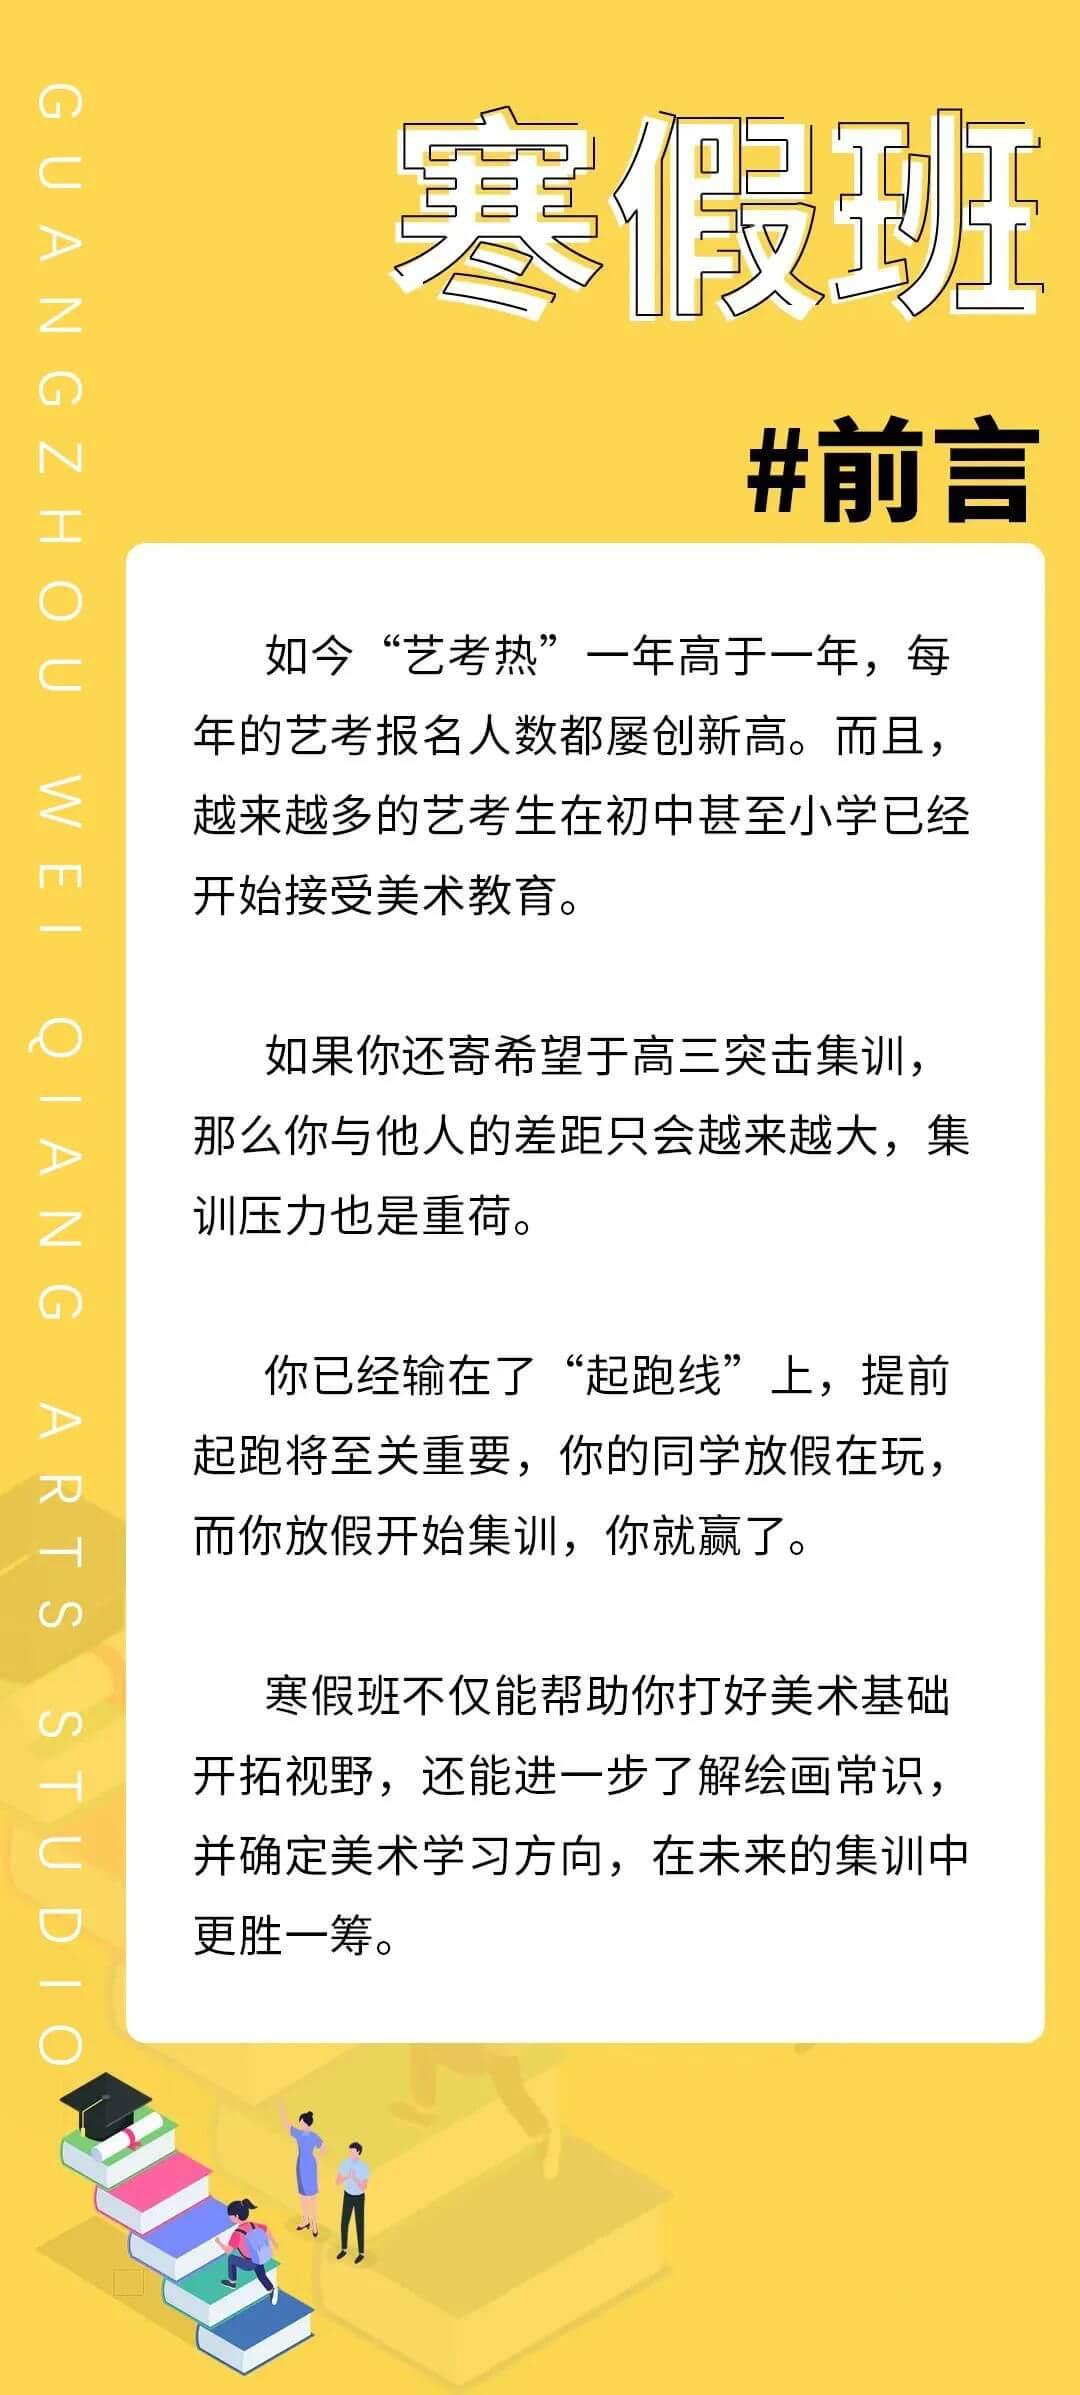 【广州围墙画室寒假班预报名已开启】为梦而生,传奇由你缔造附图3